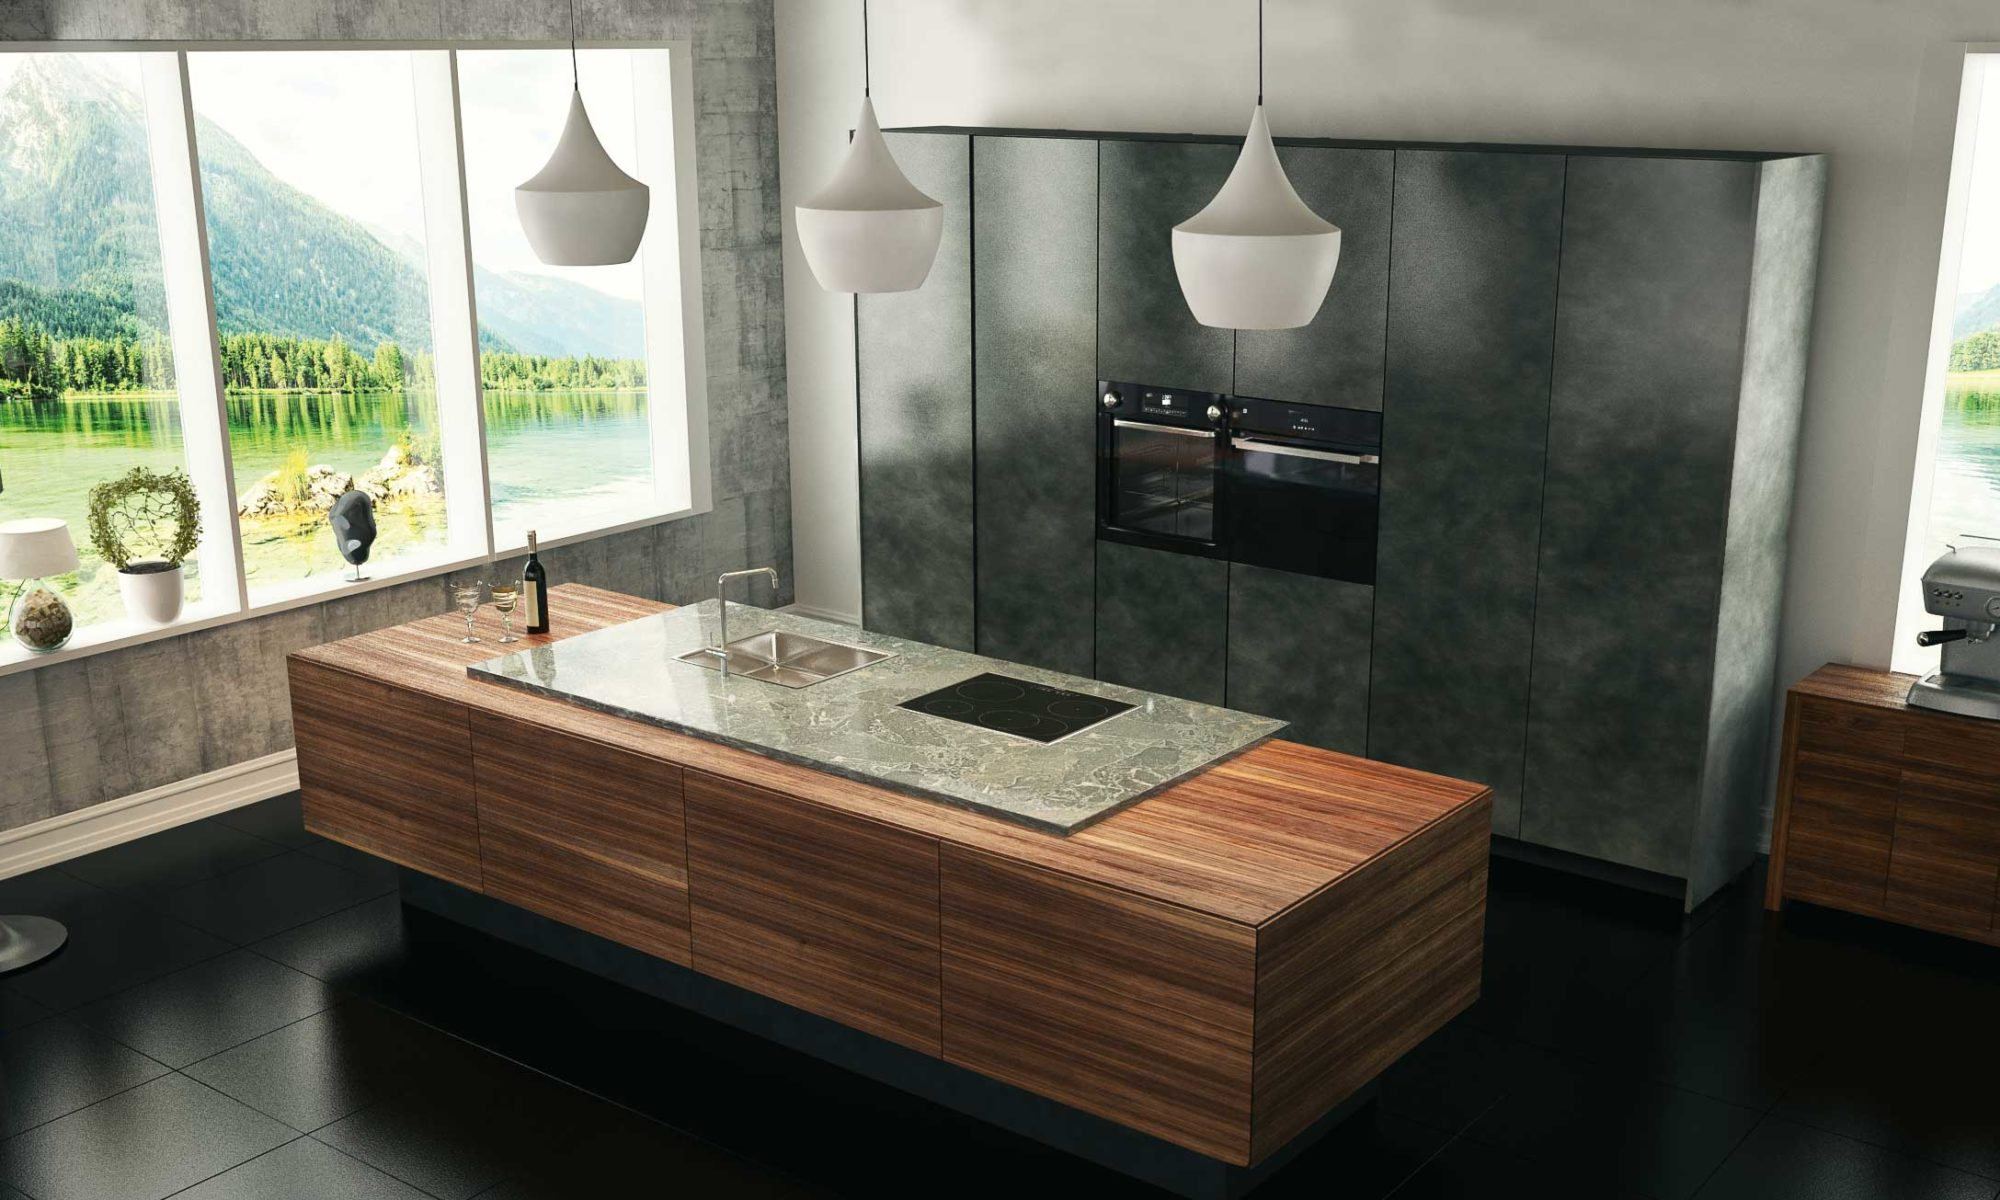 BAX, Küche, modern, Design, Nussbaum, Granit